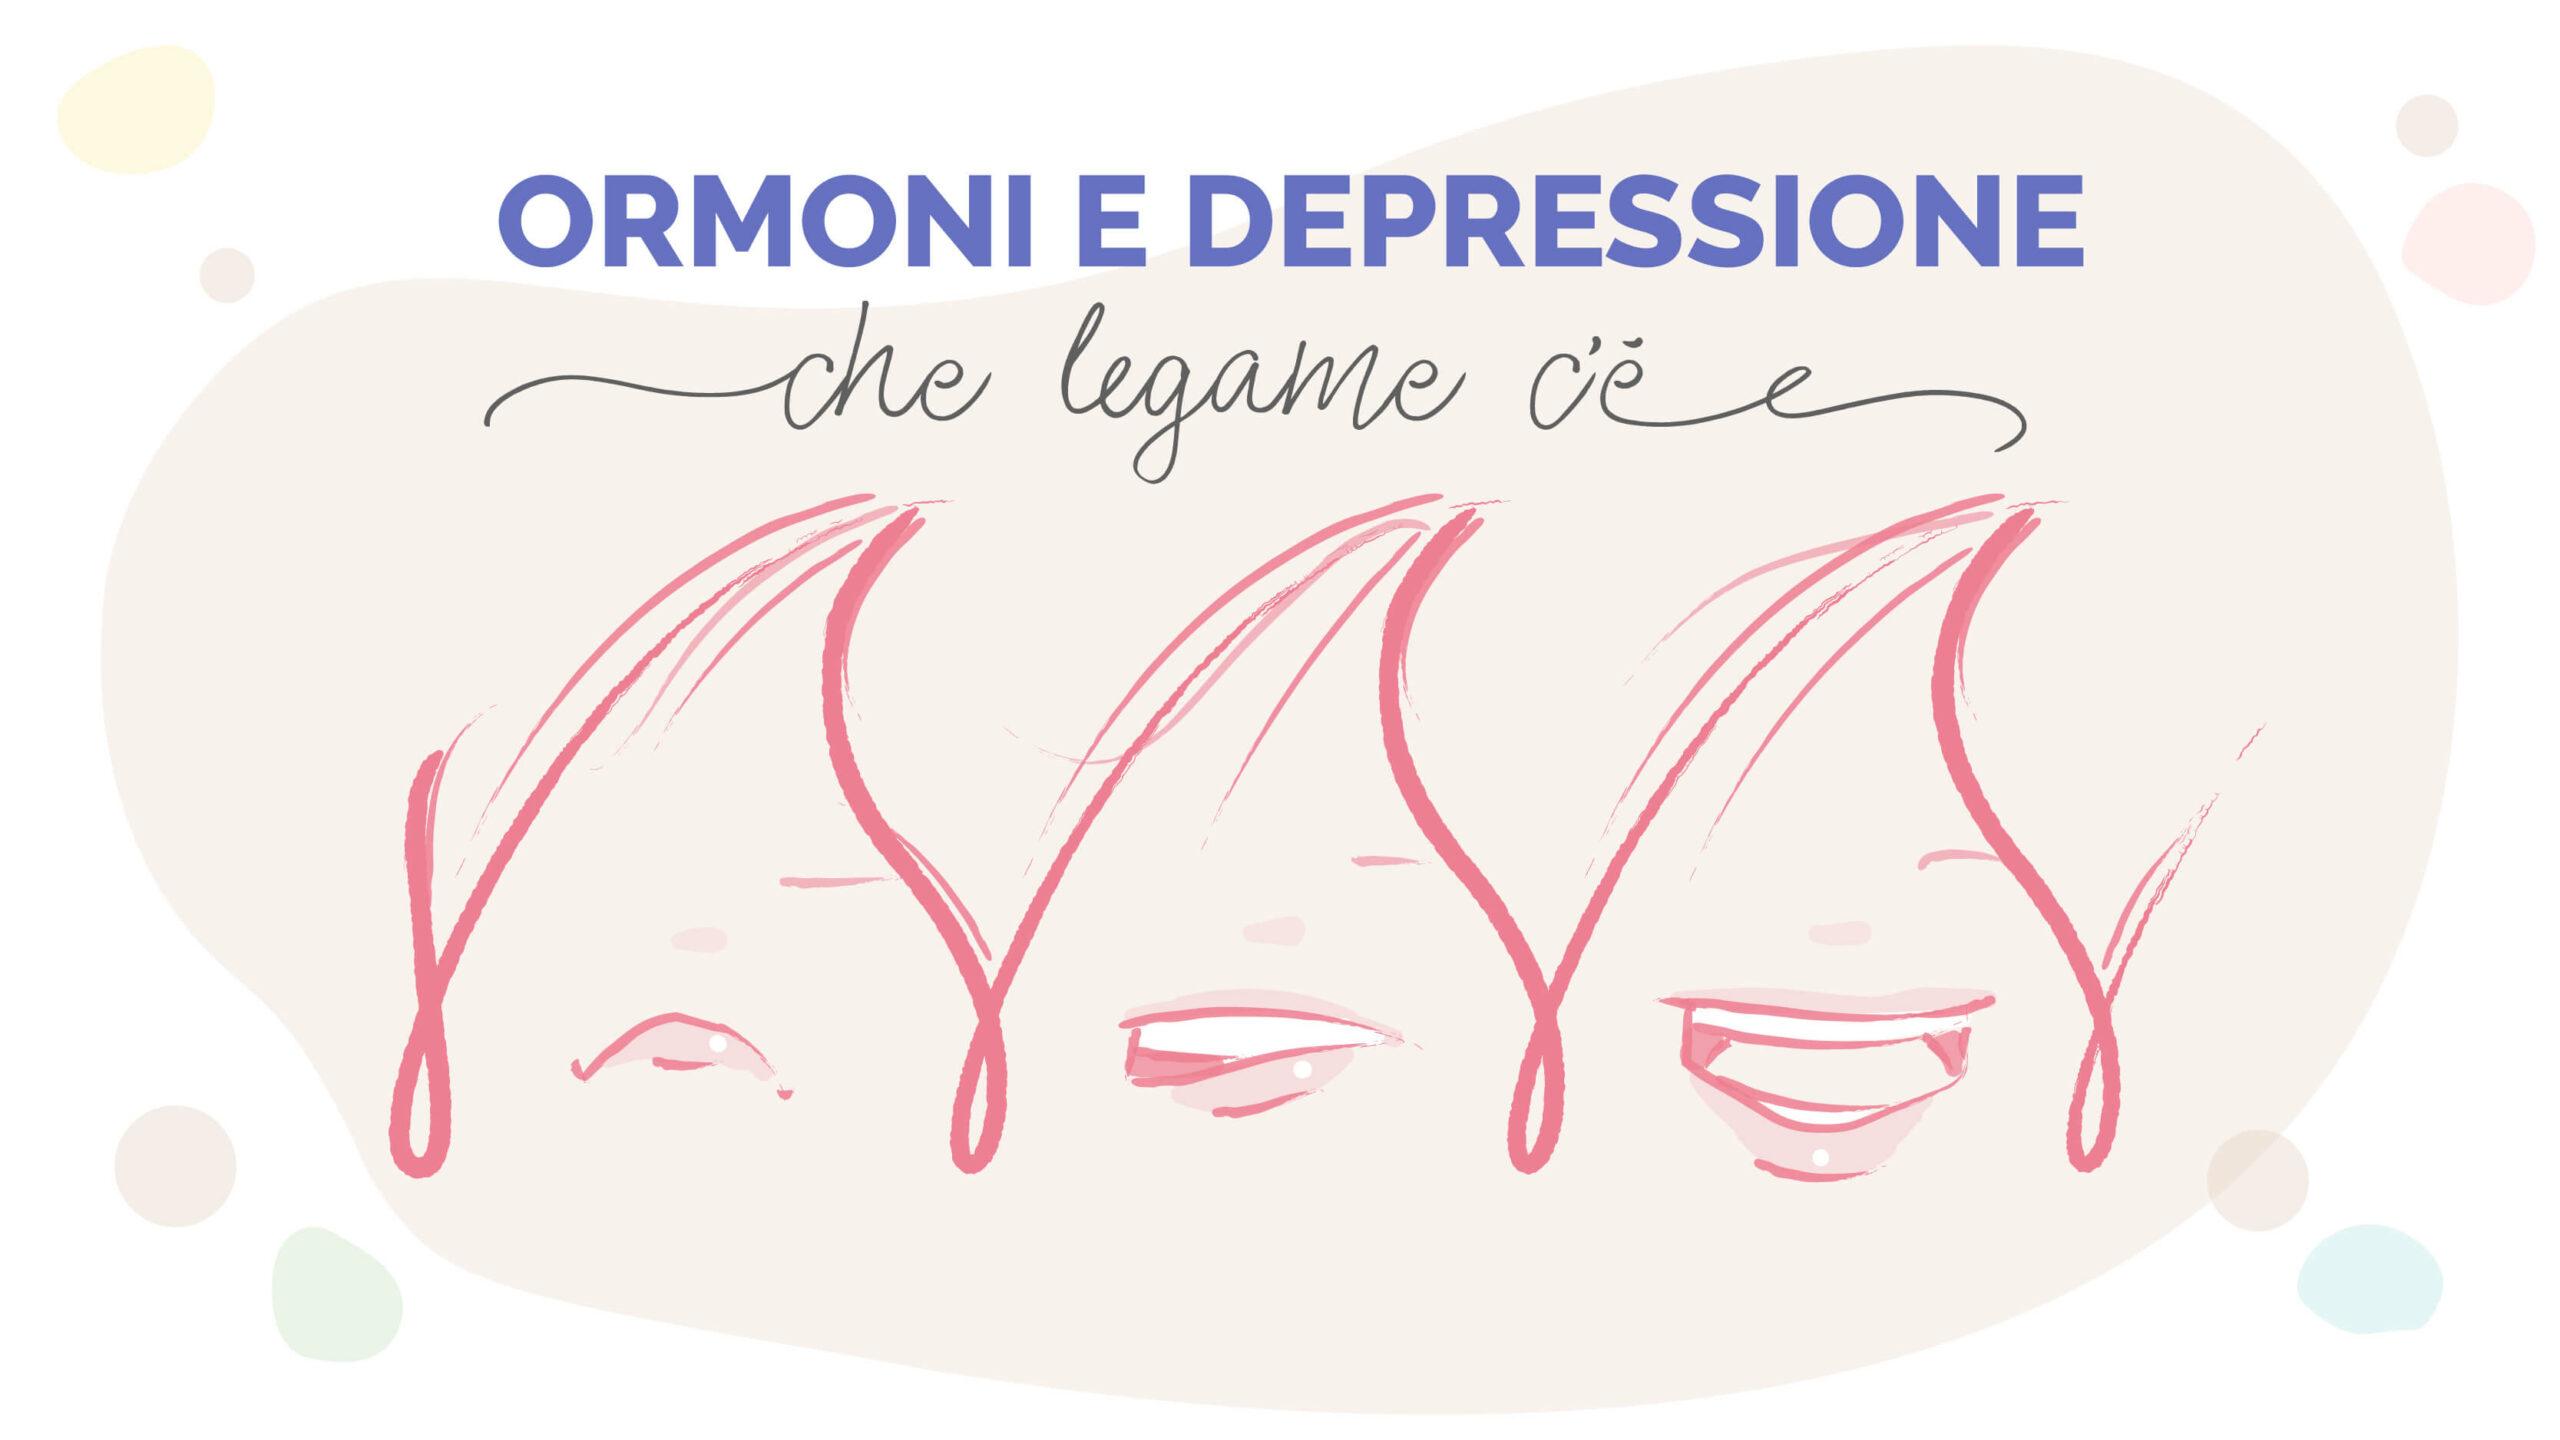 ormoni-depressione nutrizionista specializzato in pcos